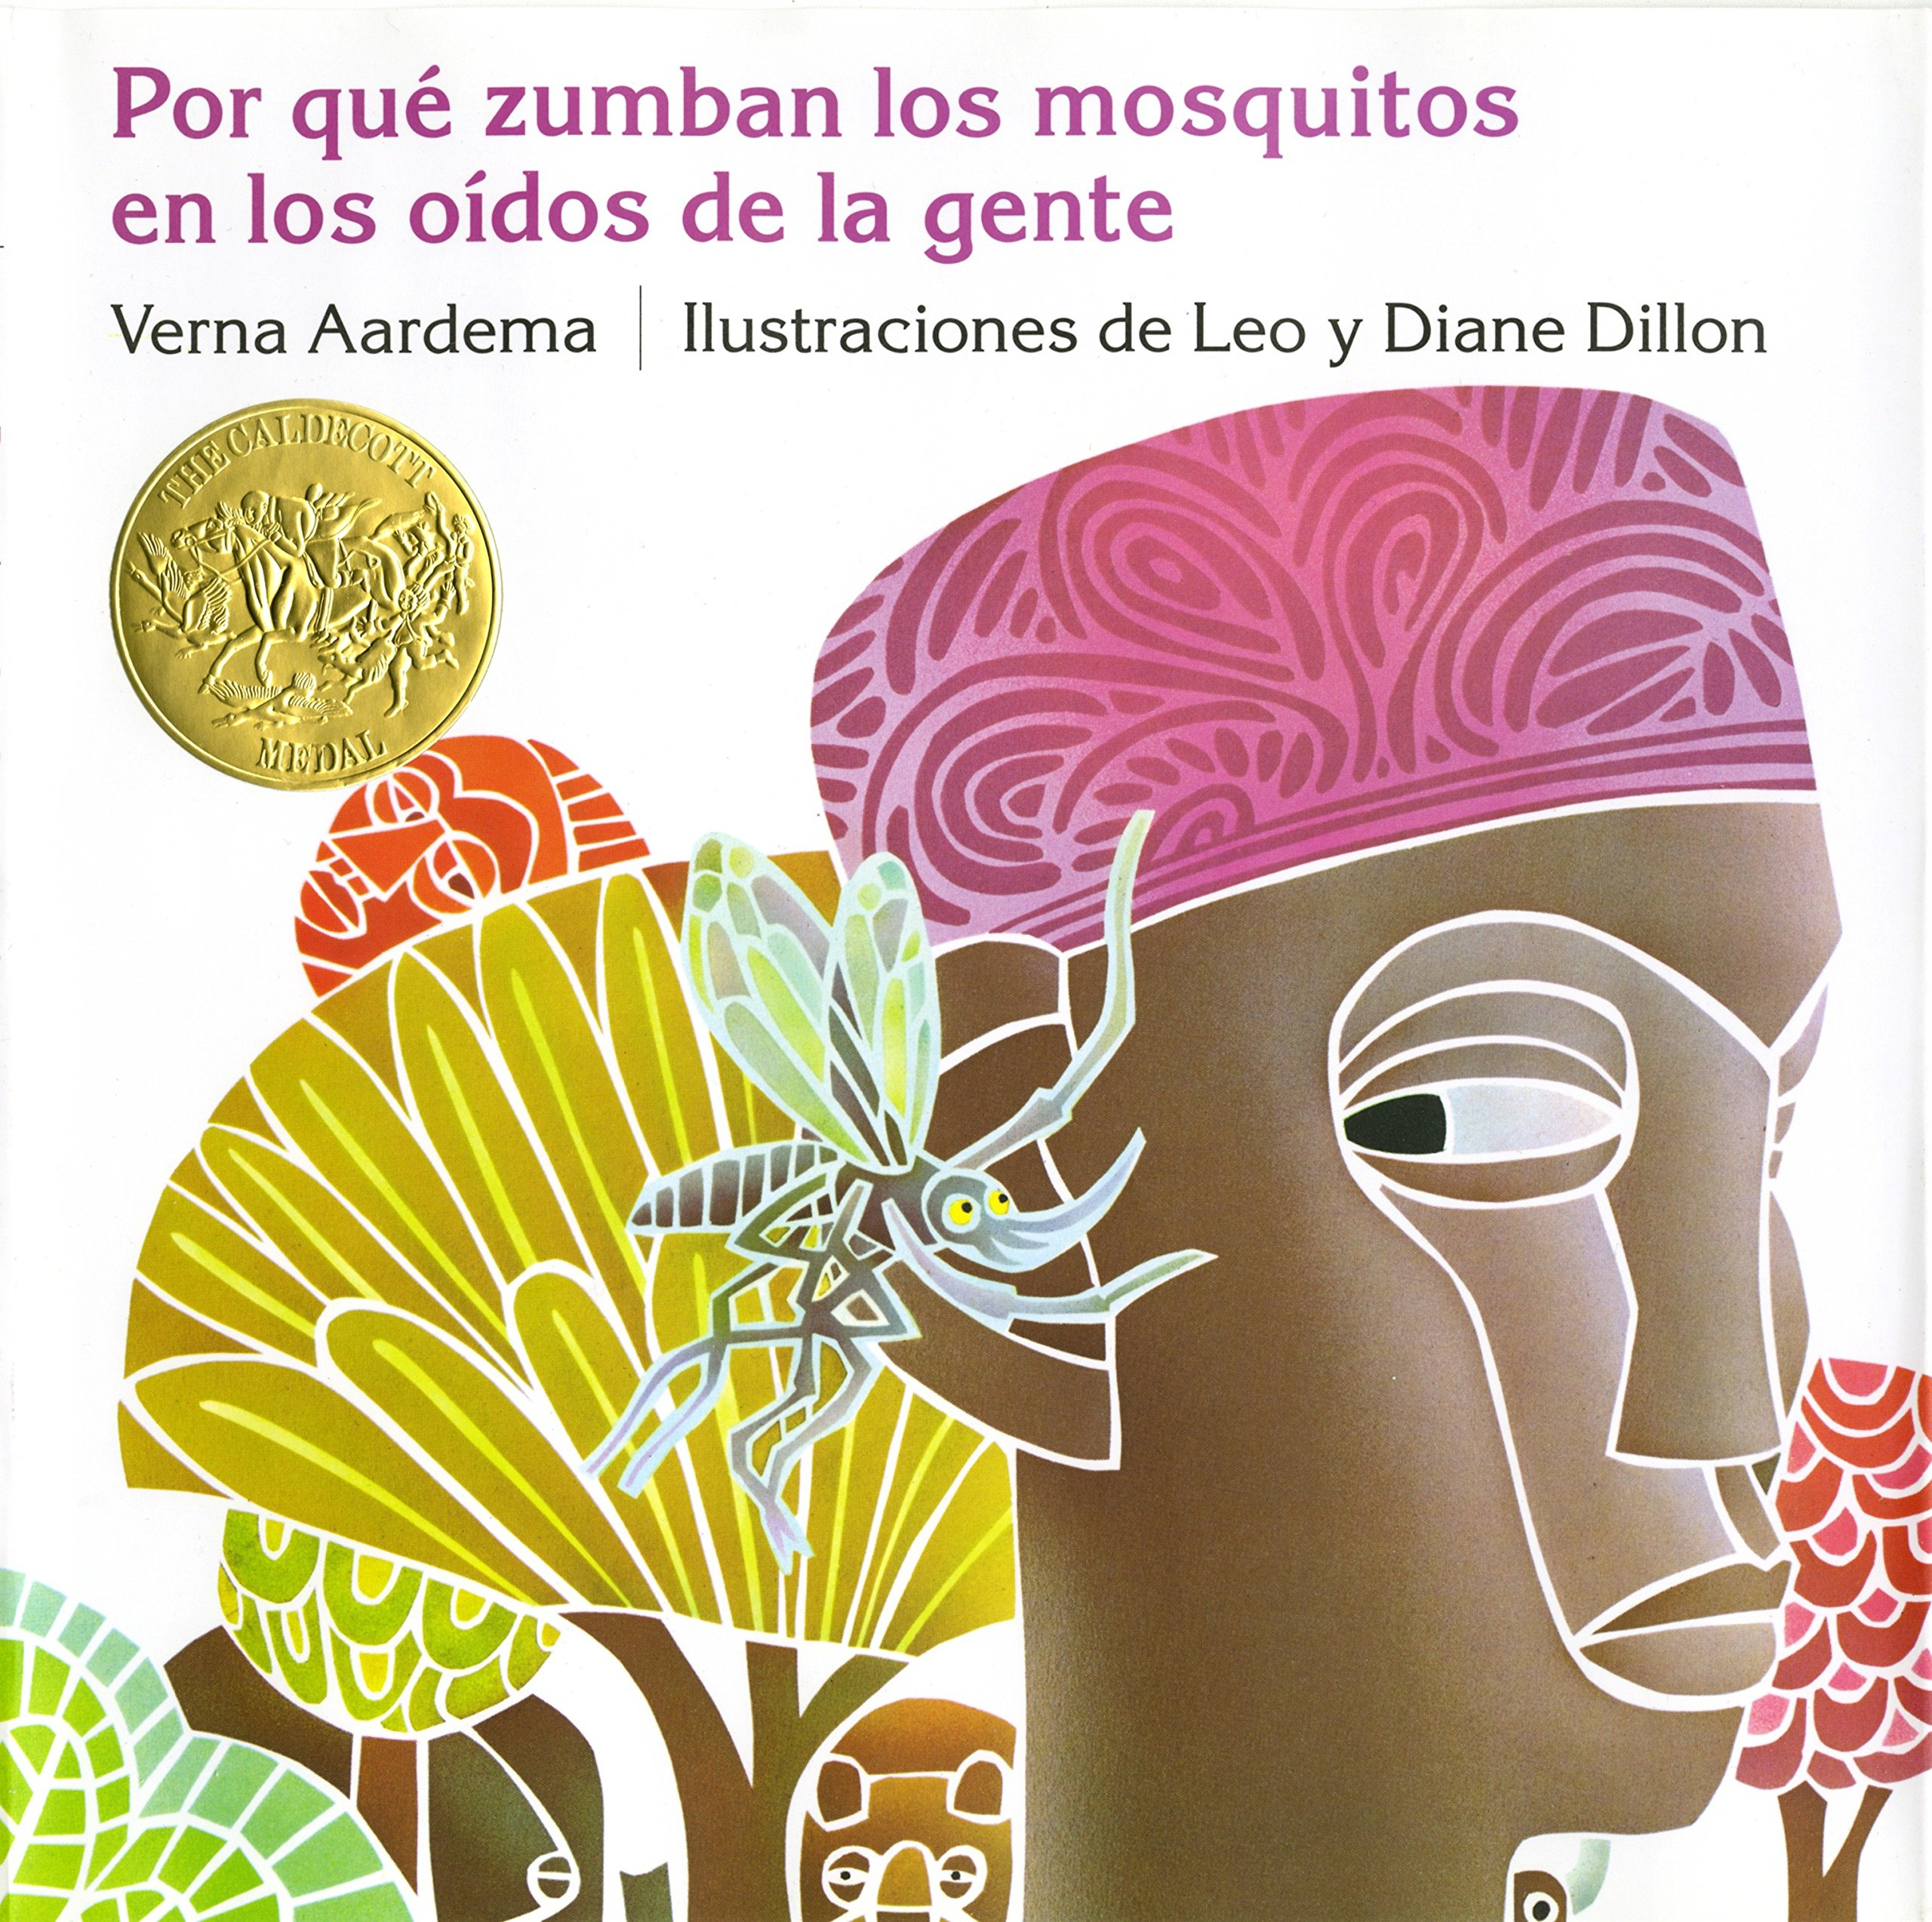 Porque Zumban los Mosquitos en los Oidos de la Gente (Ediciones Dial) (Spanish Edition) by Dial Books